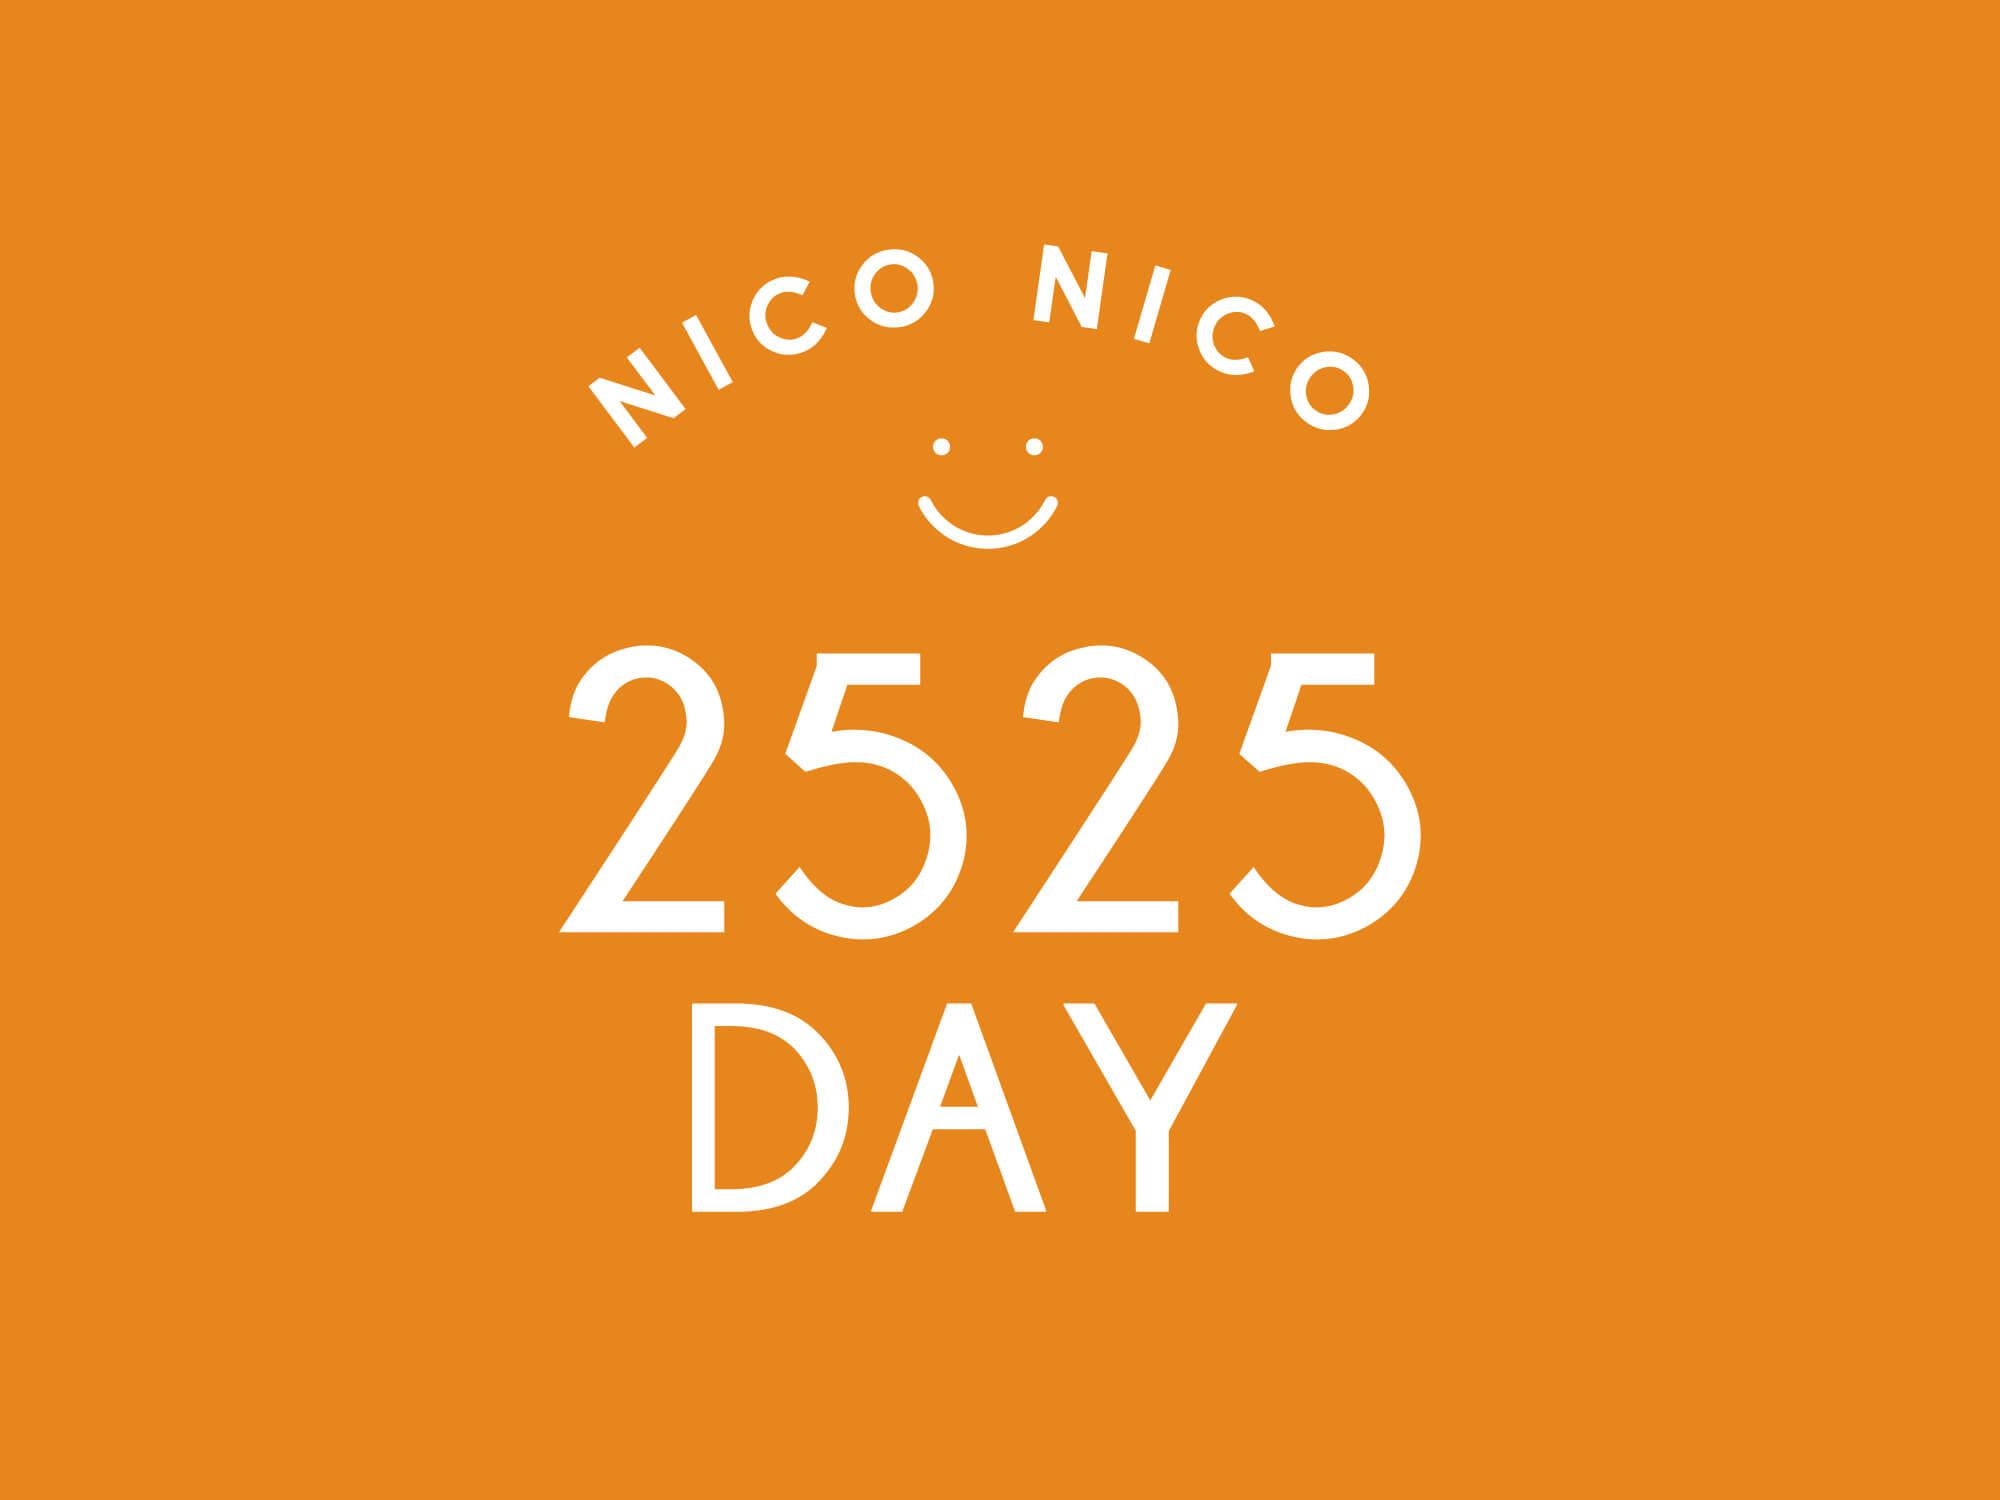 【毎月25日はポイント5倍】GOOD NATURE 2525☺DAY(ニコニコデー)